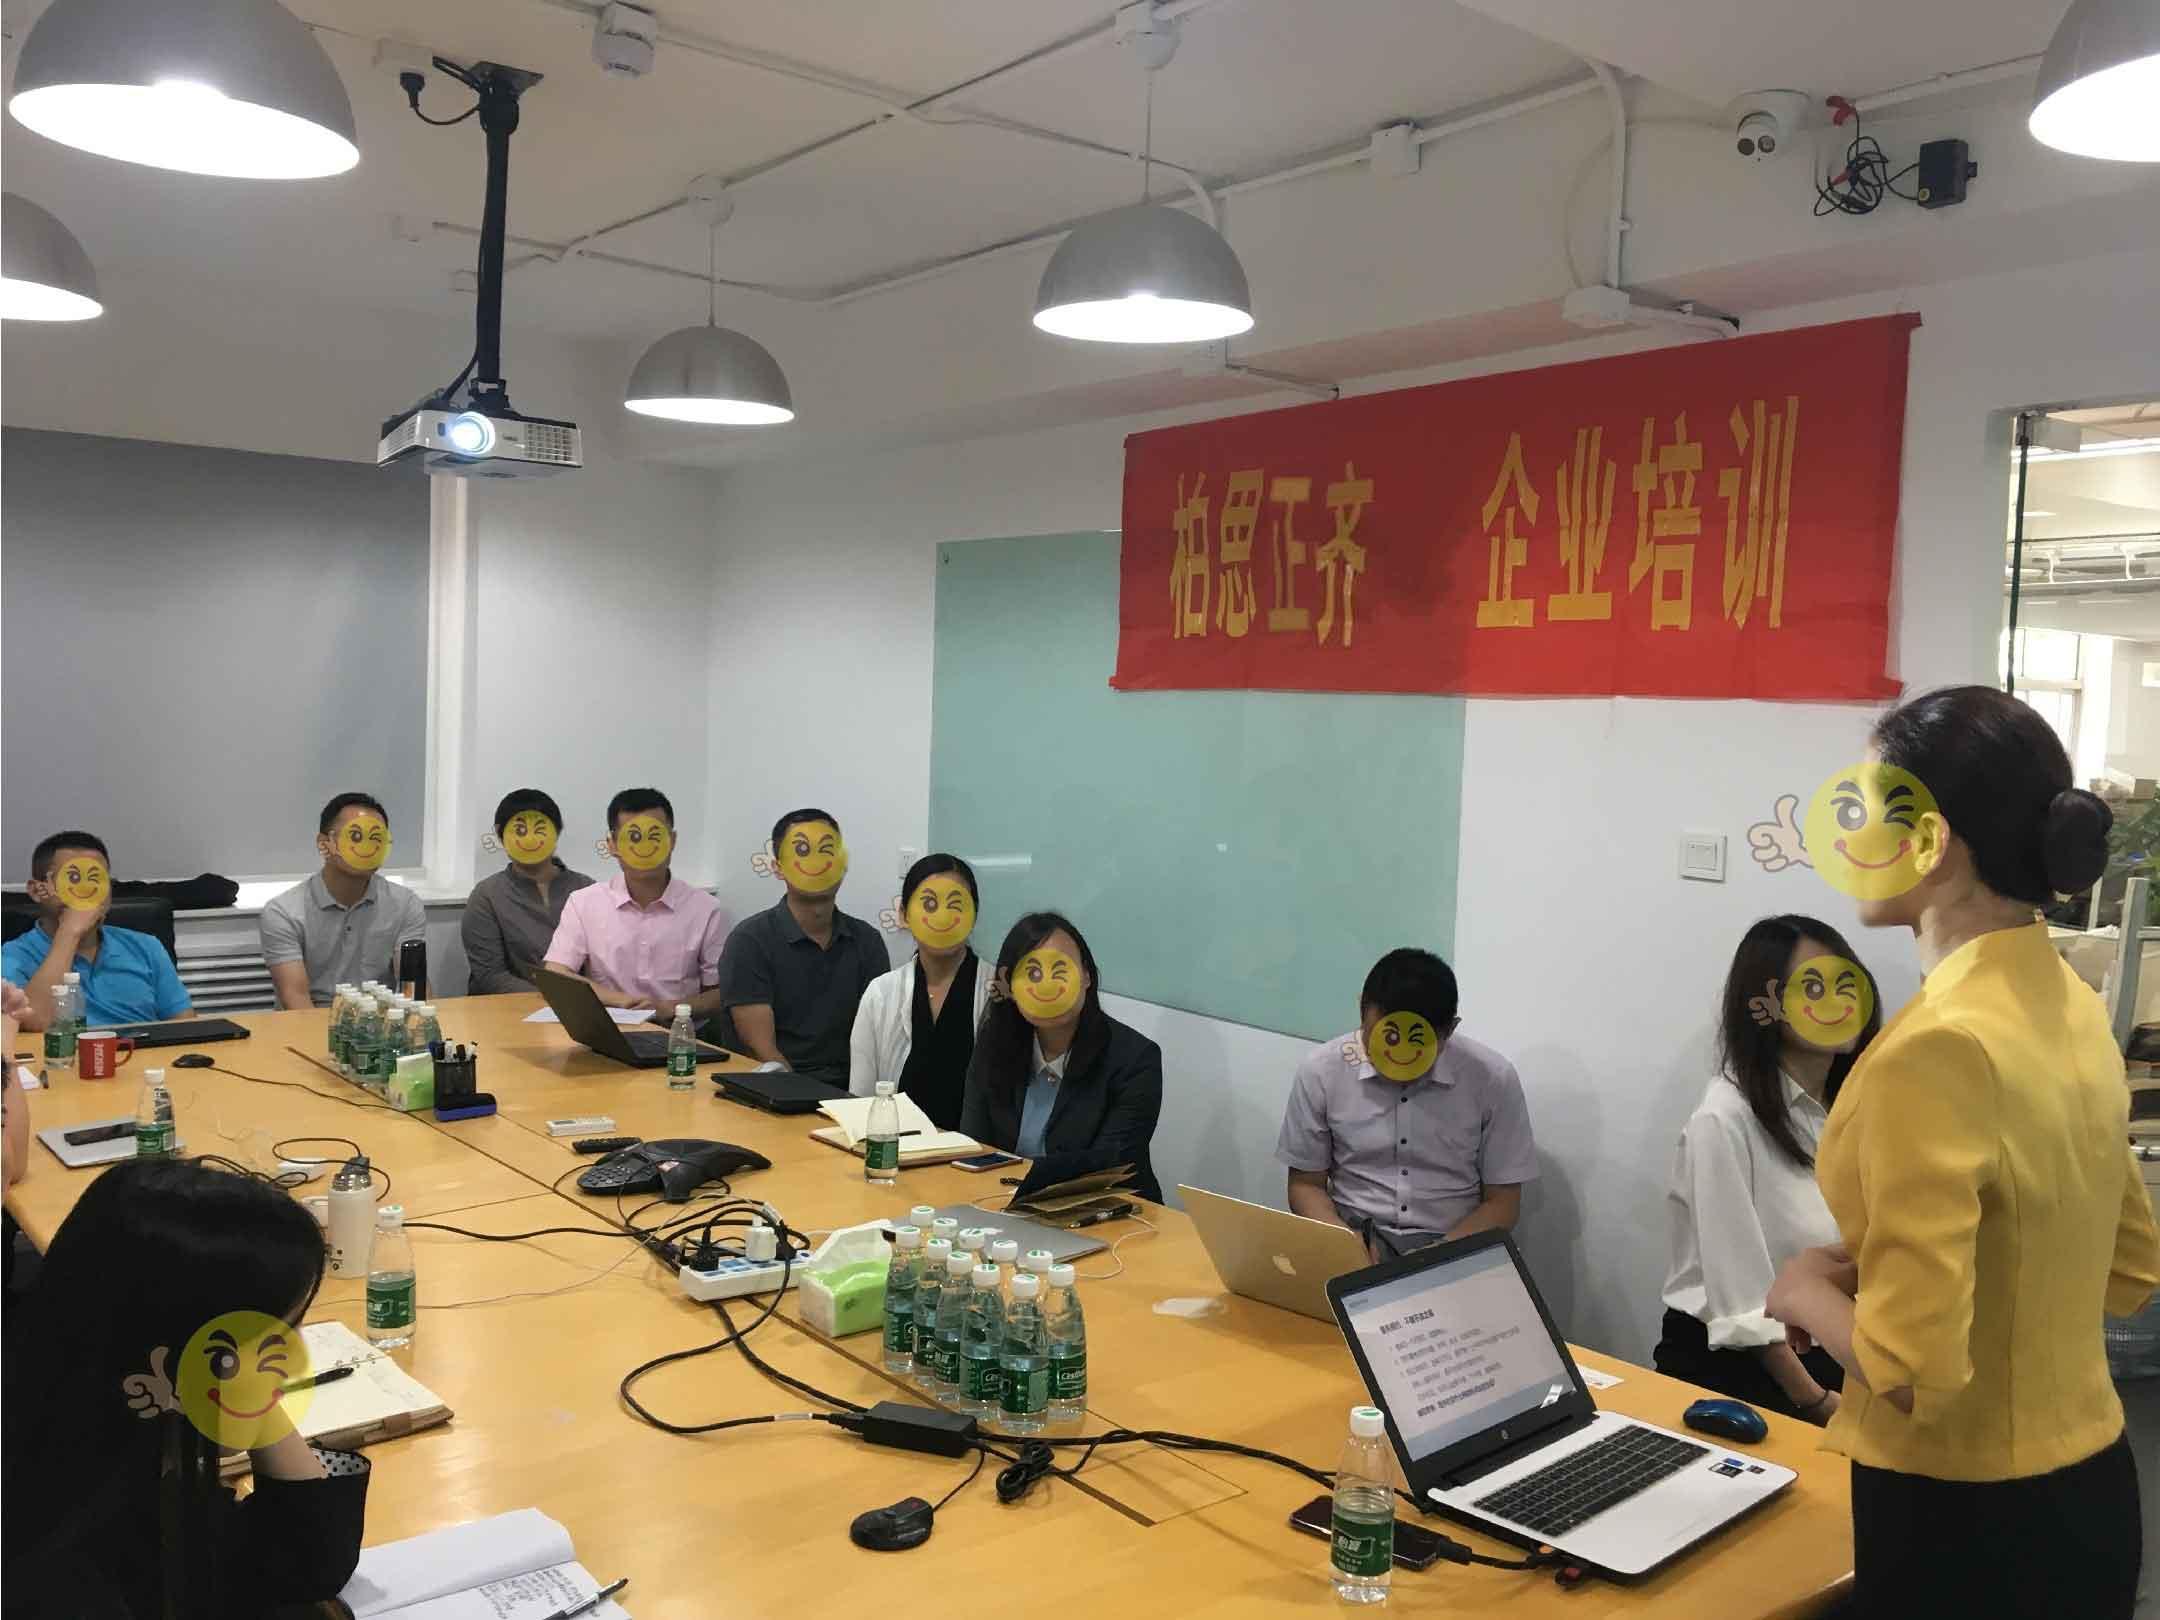 title='北京红石阳光科技股份有限公司'